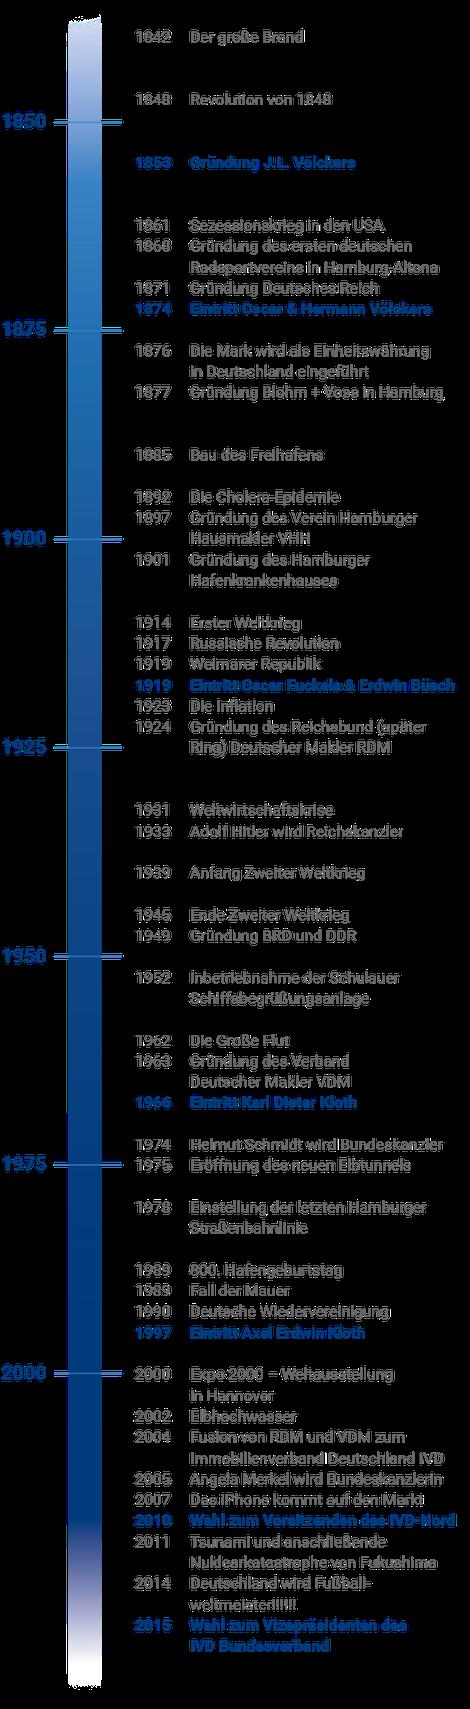 Ein Zeitstrahl: Die Firmenhistorie von Völckers & Sohn.